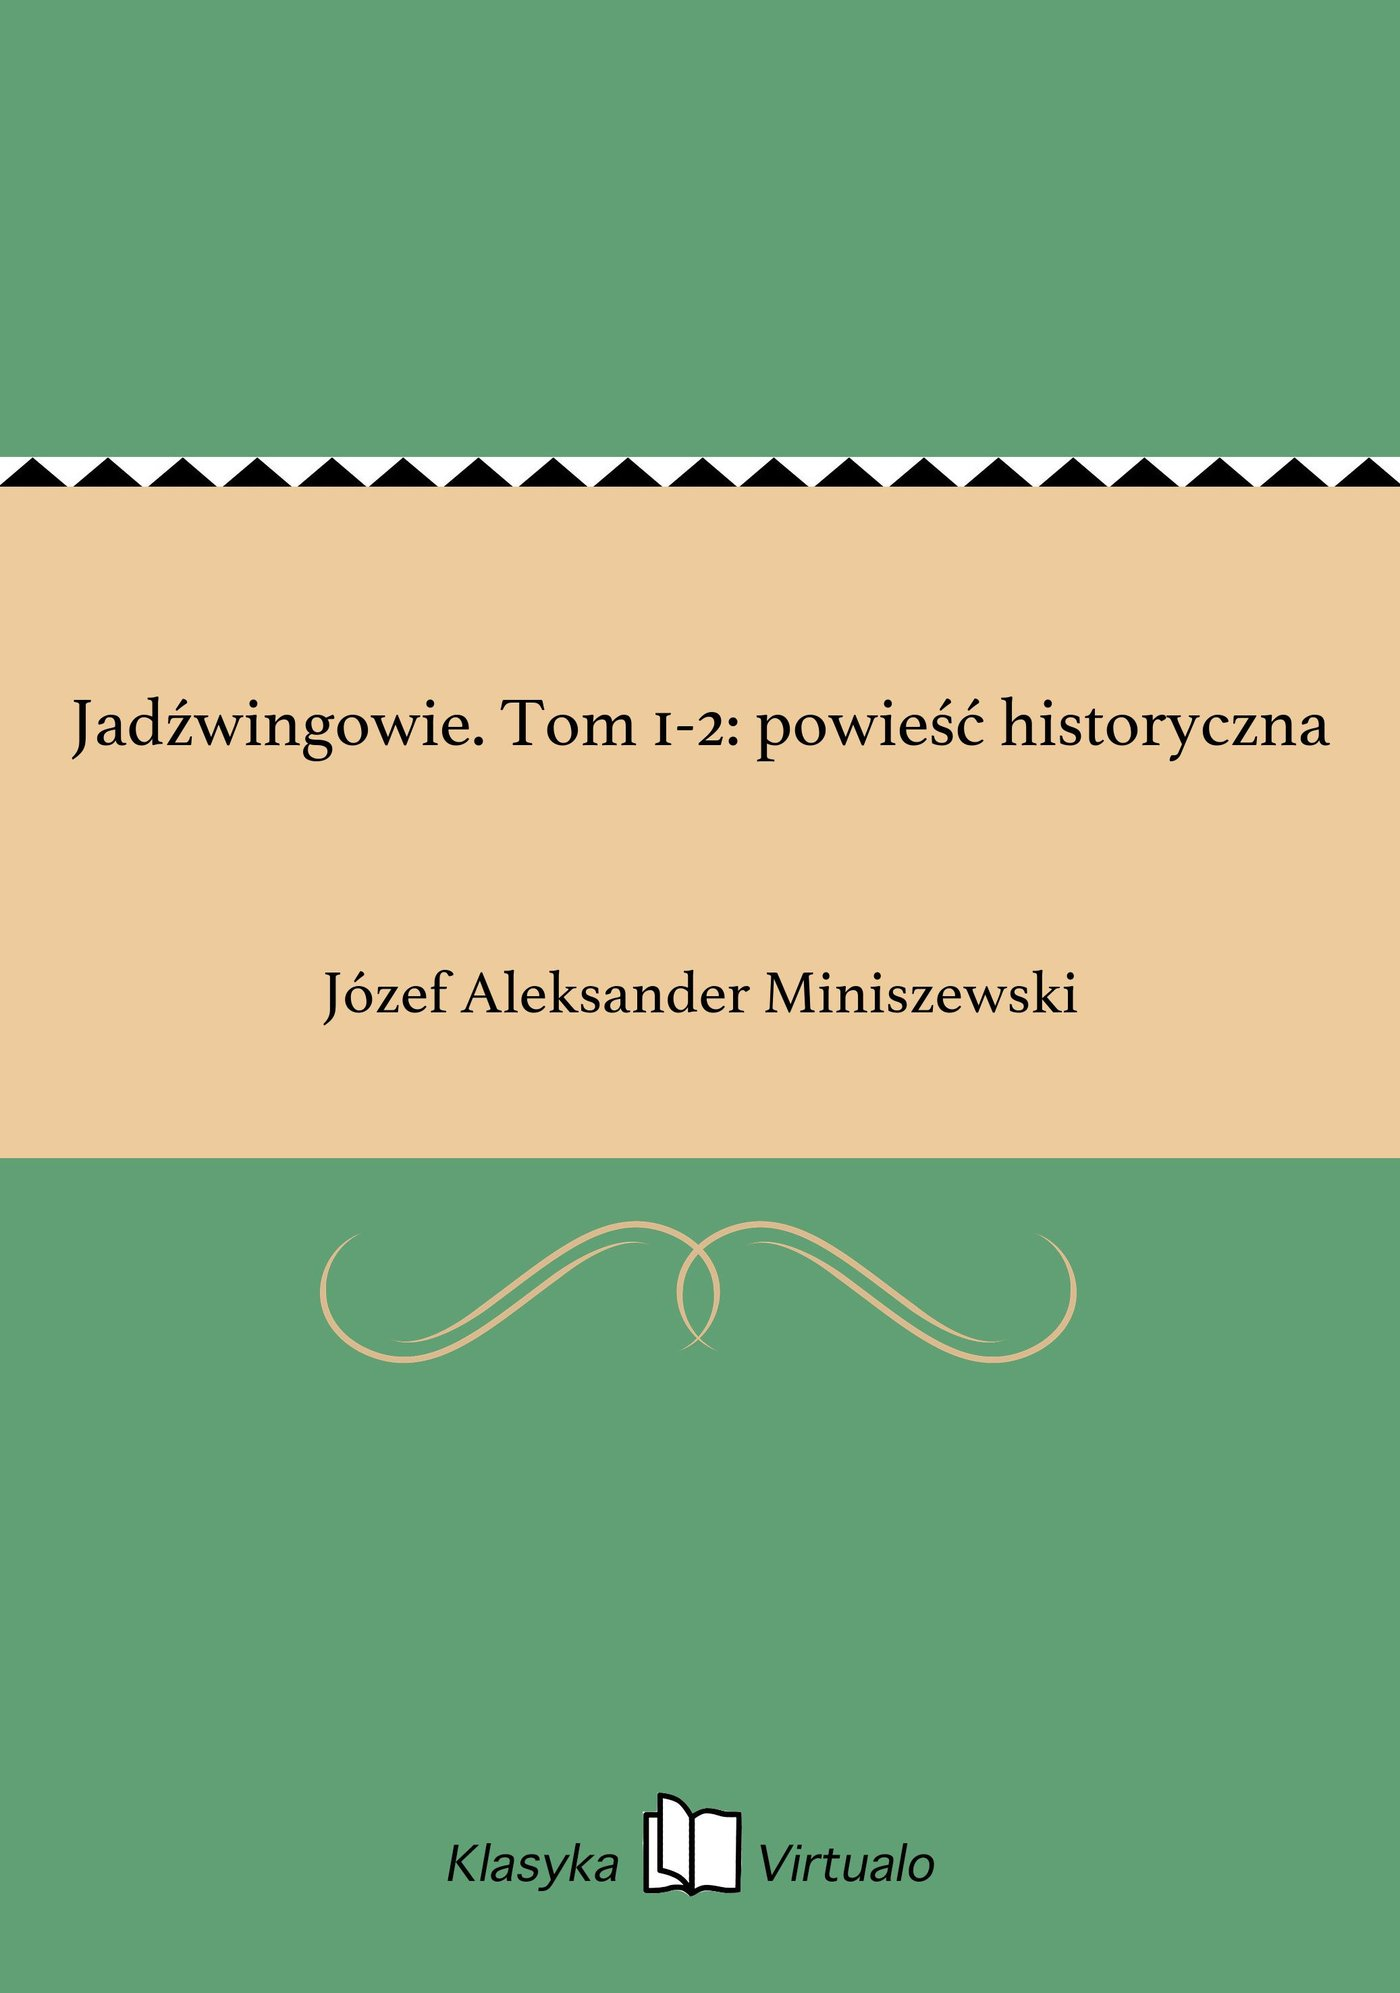 Jadźwingowie. Tom 1-2: powieść historyczna - Ebook (Książka EPUB) do pobrania w formacie EPUB